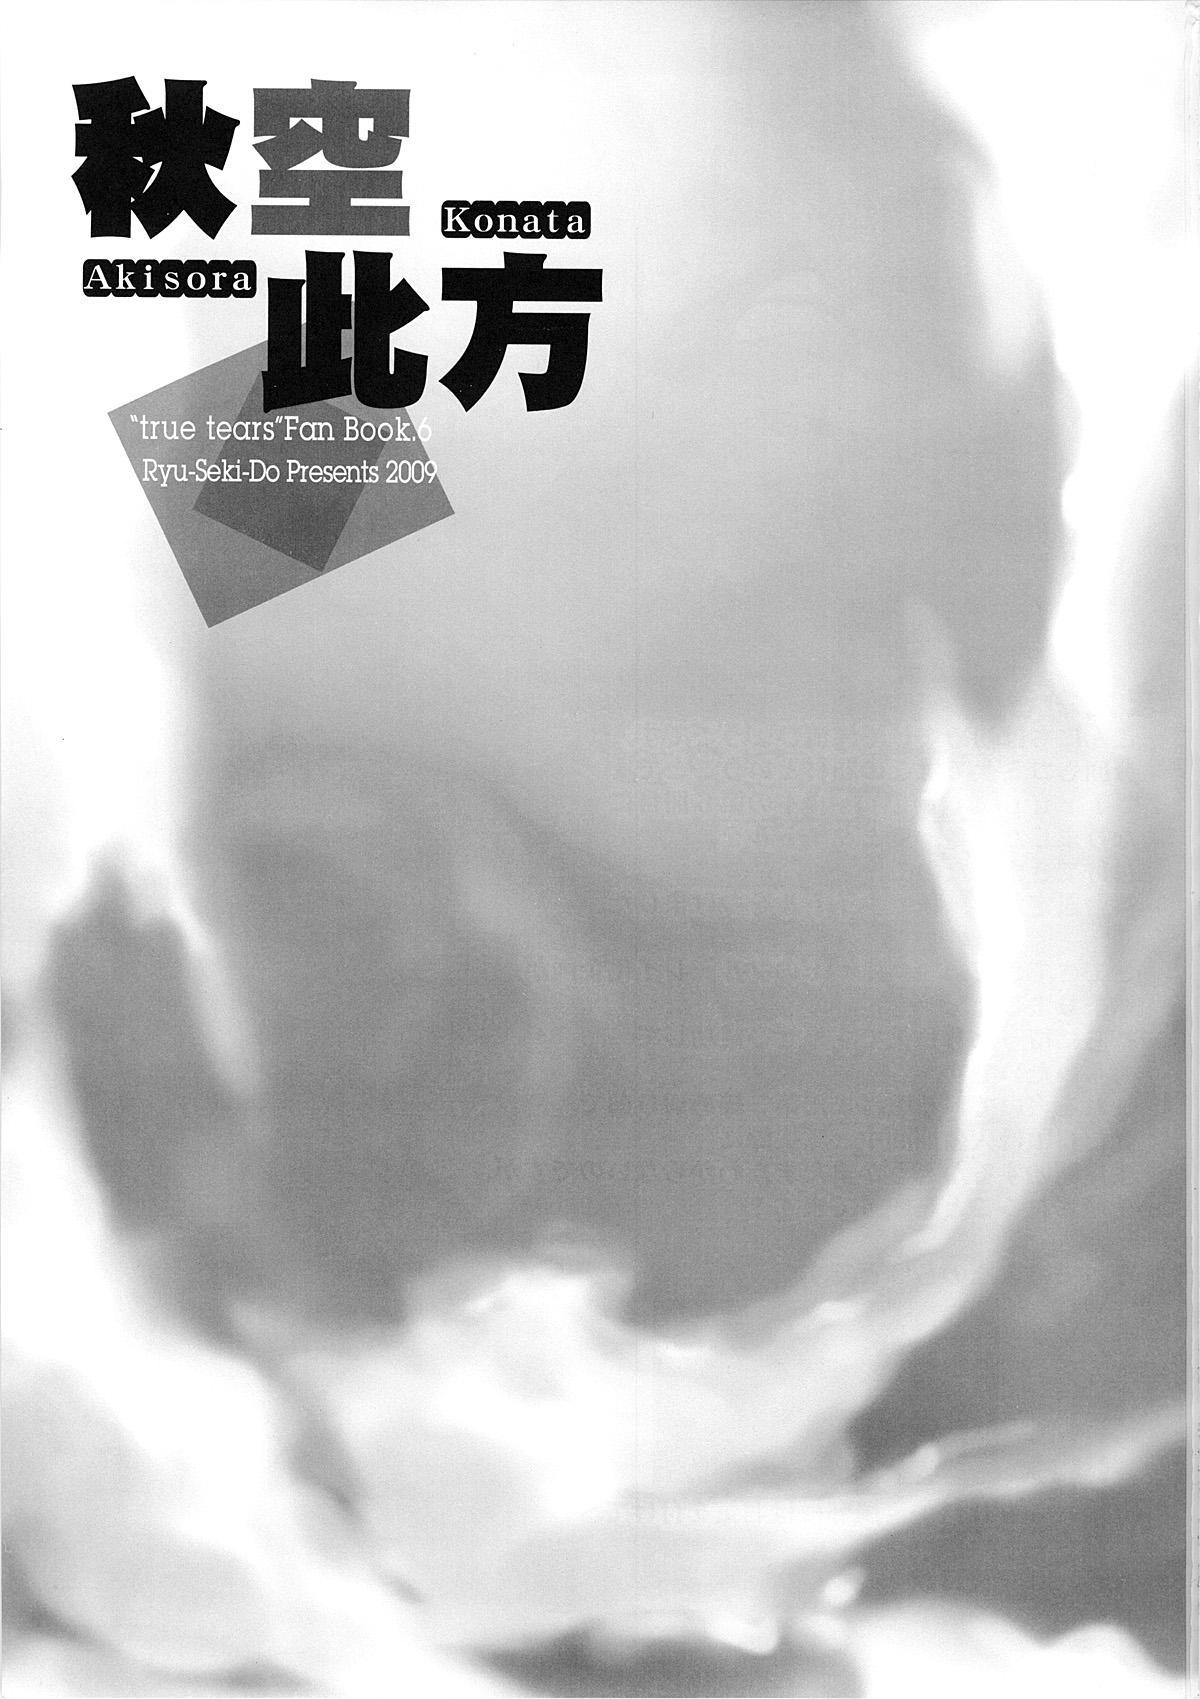 Akisora Konata 1